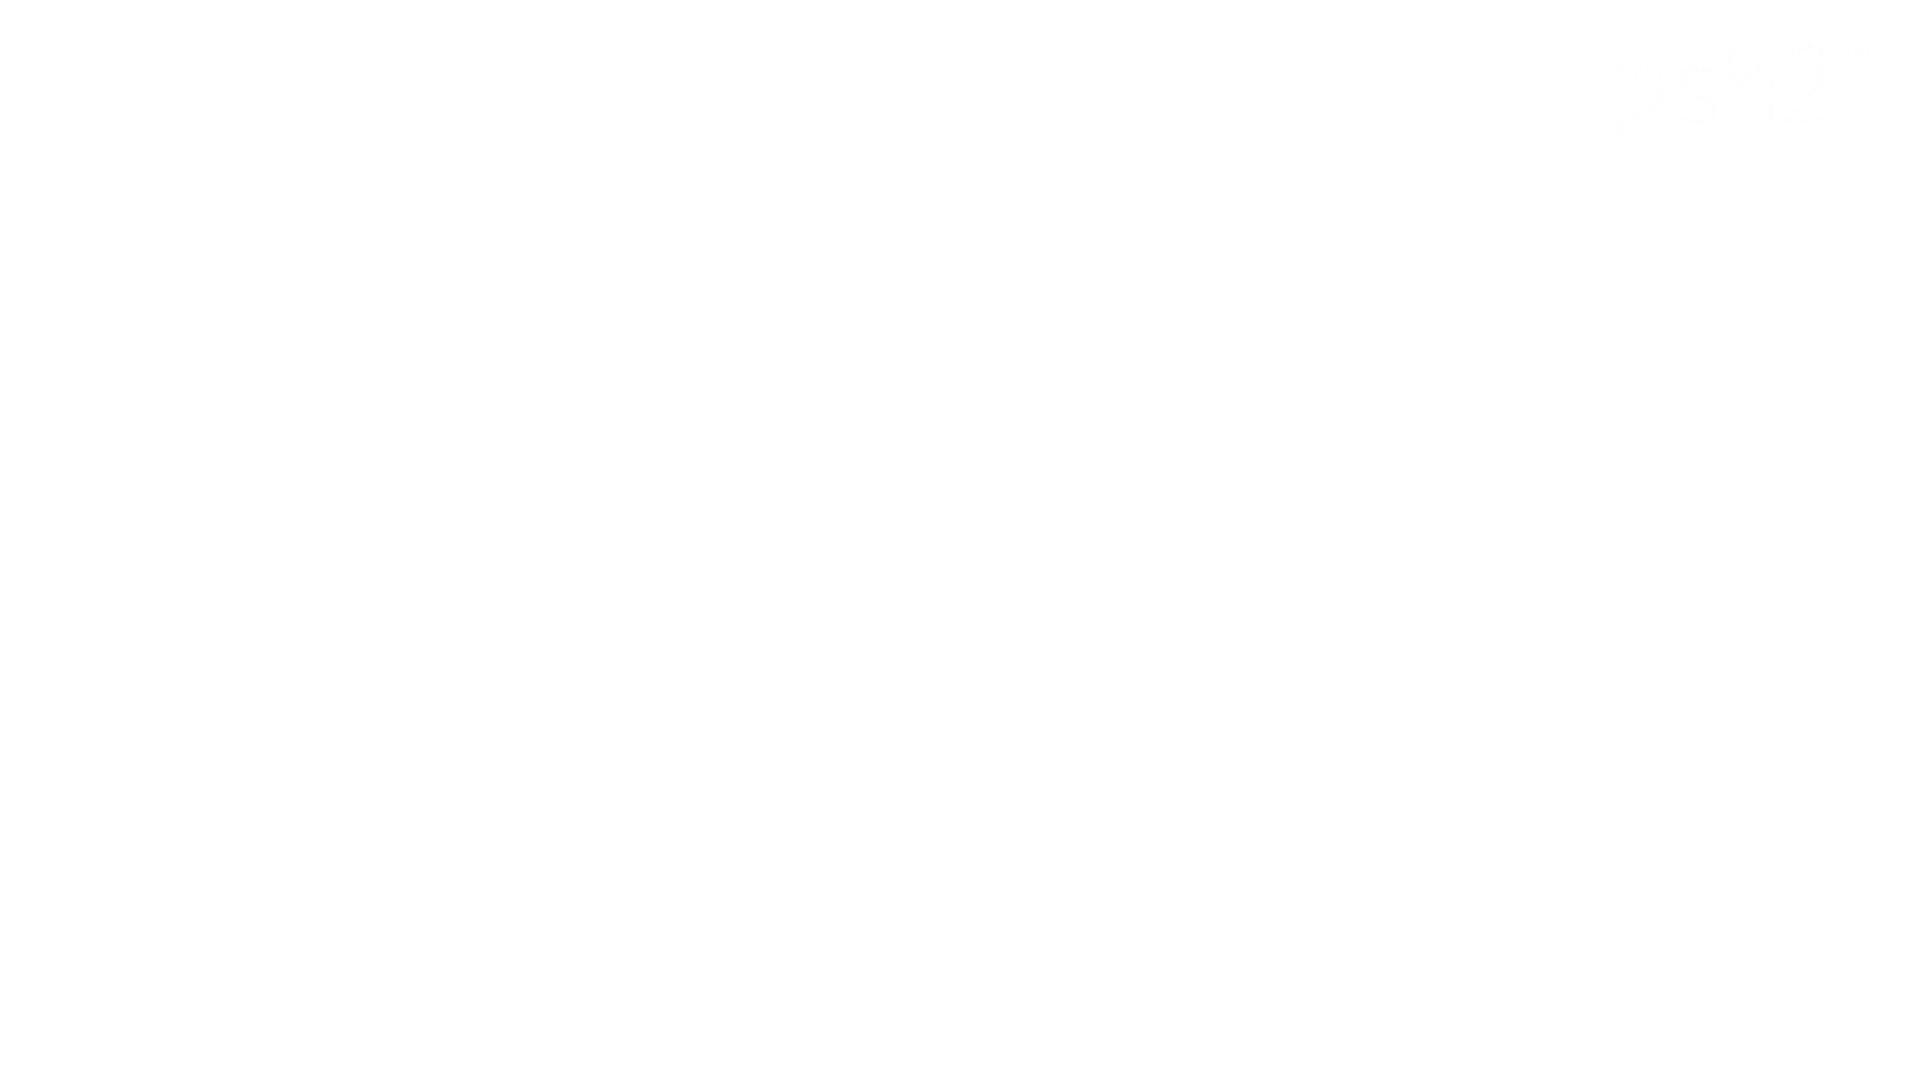 ▲復活限定▲ハイビジョン 盗神伝 Vol.21 OLハメ撮り  101Pix 54